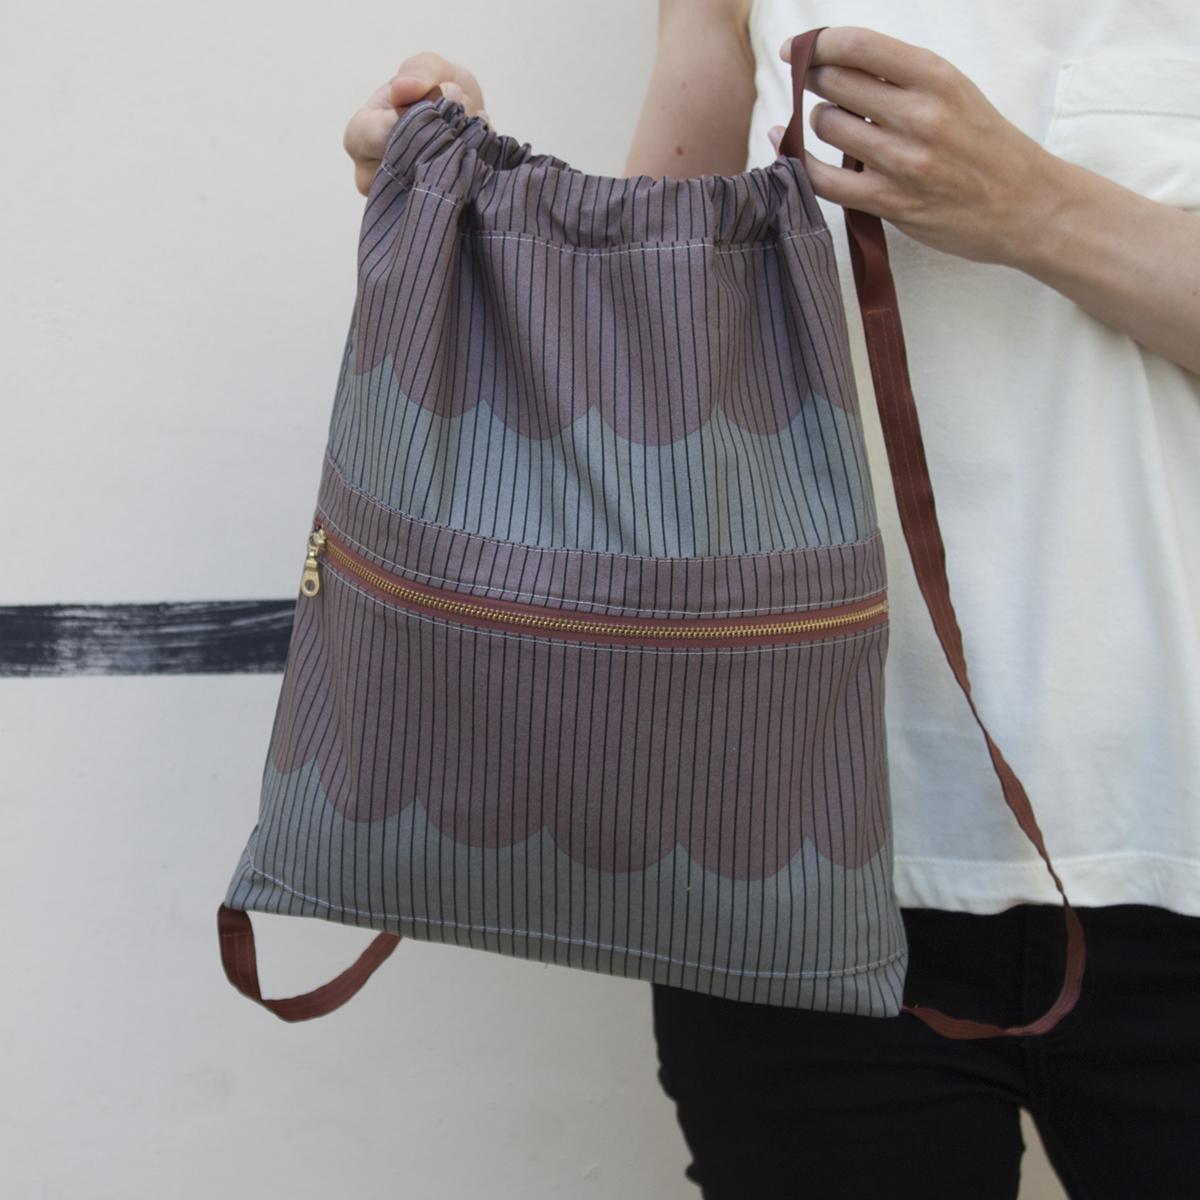 Harriot String Bag